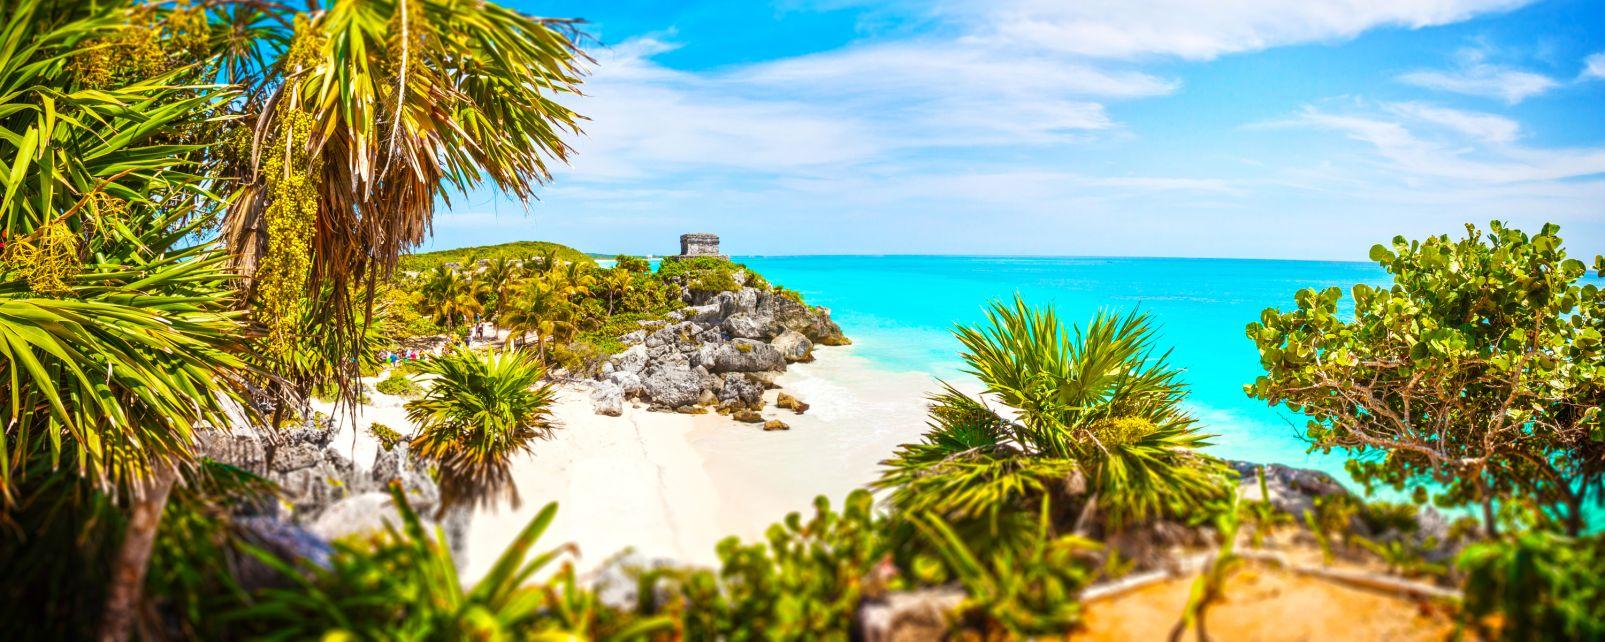 Yucatan, Mexique, La mer des Caraïbes aux pieds du site de Tulum